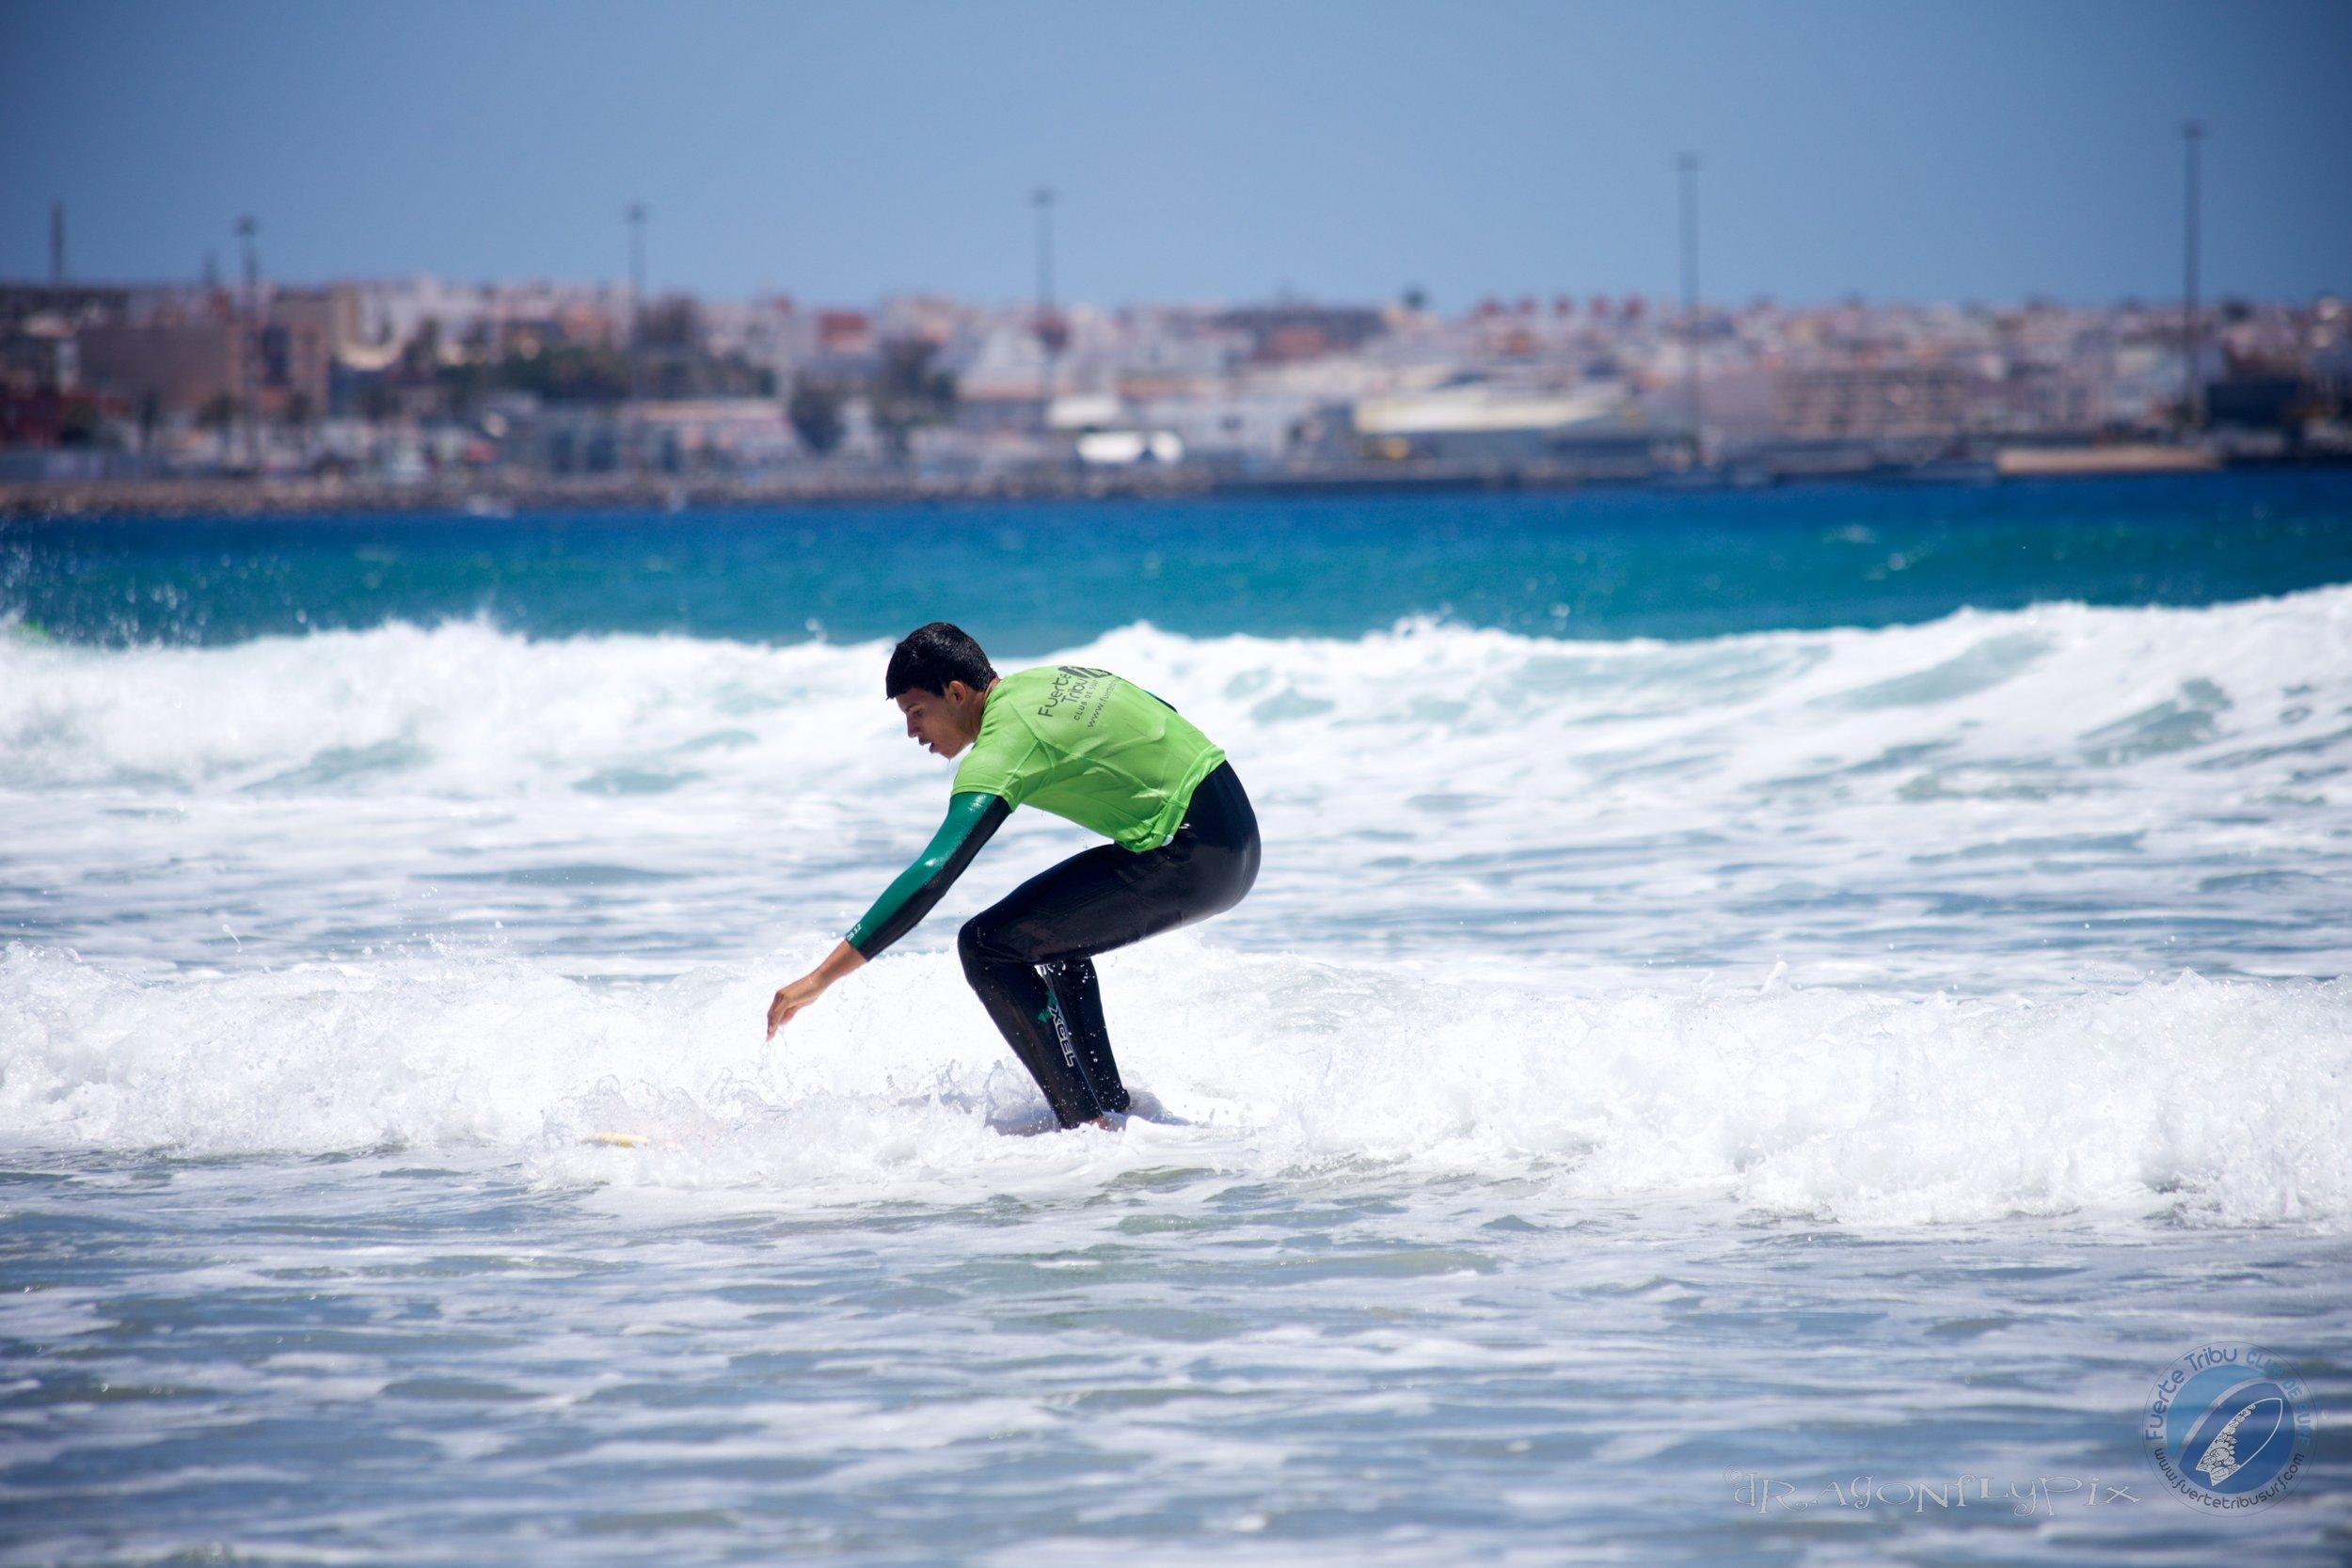 FUERTETRIBU_INTRACLUB_SURF_CAMPEONATO_KIDSIMG_0869.jpg